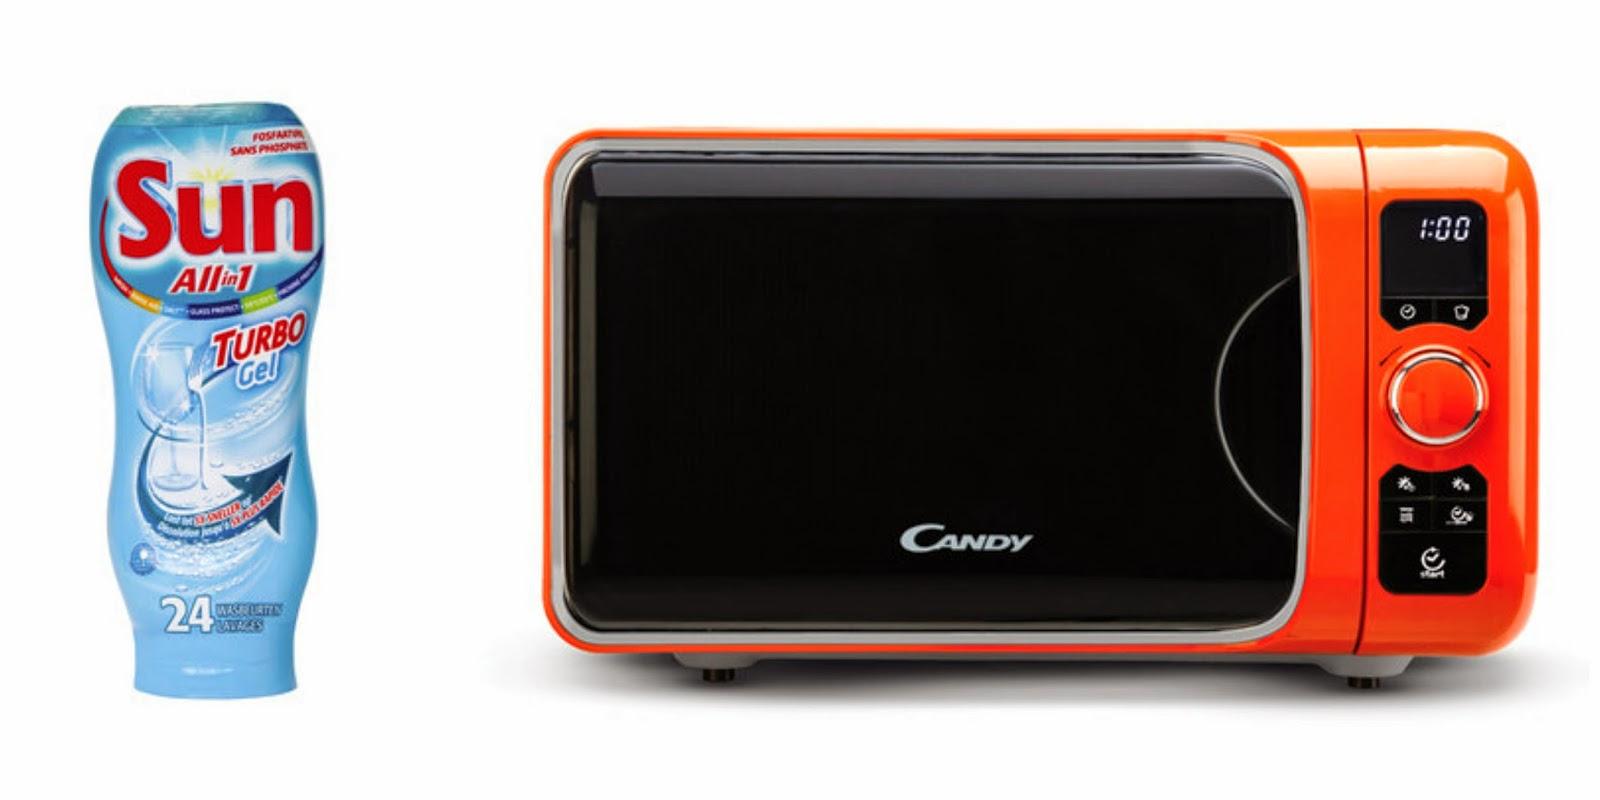 http://activa.sapo.pt/passatempos/2014-04-15-Temos-24-embalagens-de-Sun-All-in-1-Turbo-Gel--Microondas-Candy-EGO-G25DCO-com-um-valor-total-de-180